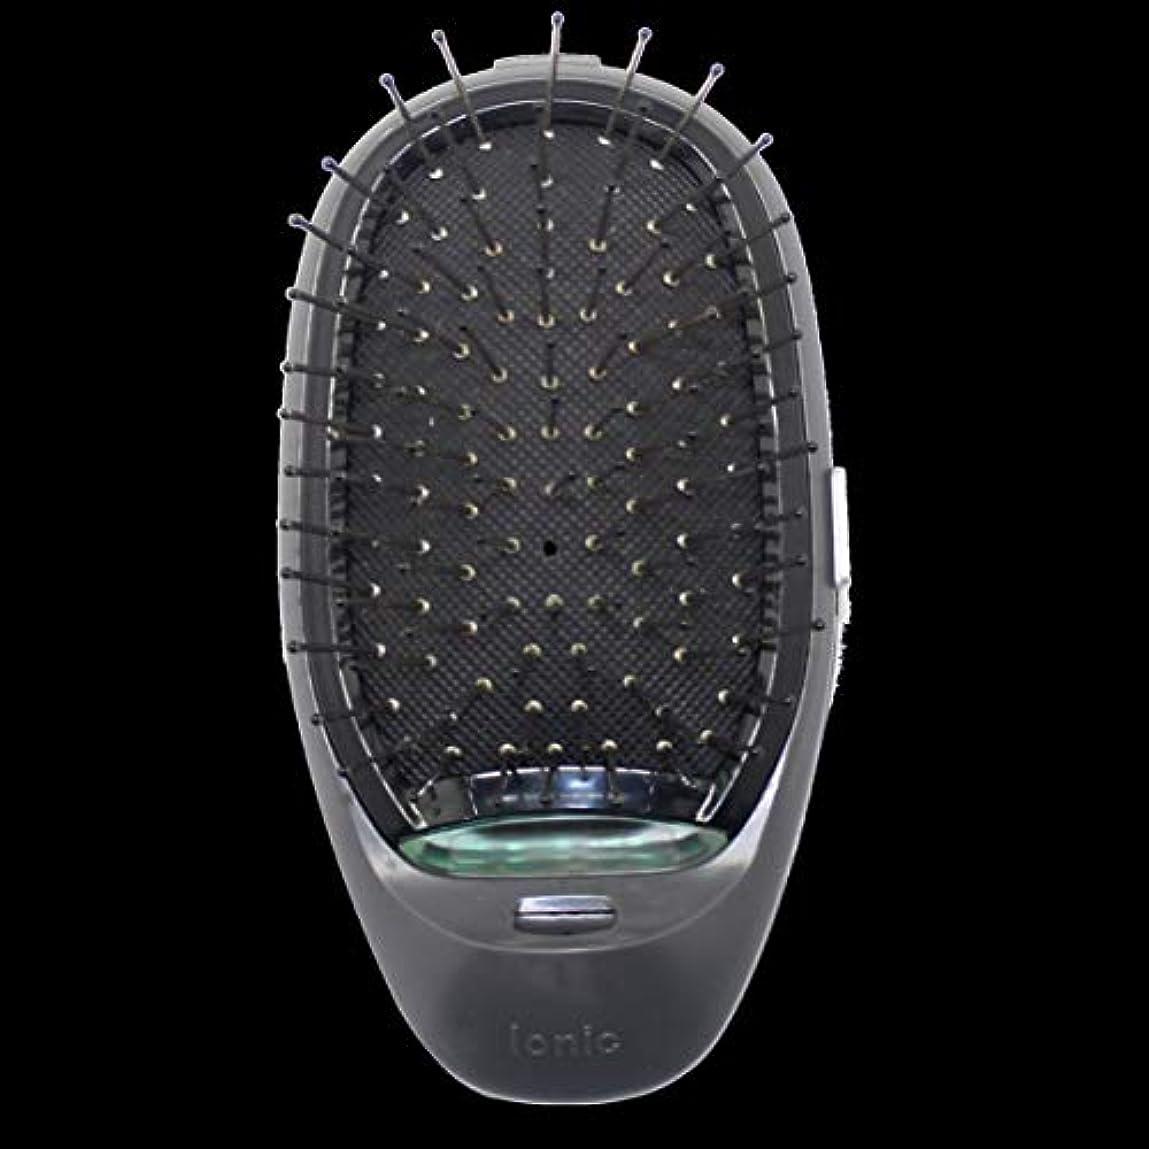 遷移骨心理的に電動マッサージヘアブラシミニマイナスイオンヘアコム3Dインフレータブルコーム帯電防止ガールズヘアブラシ電池式 - ブラック